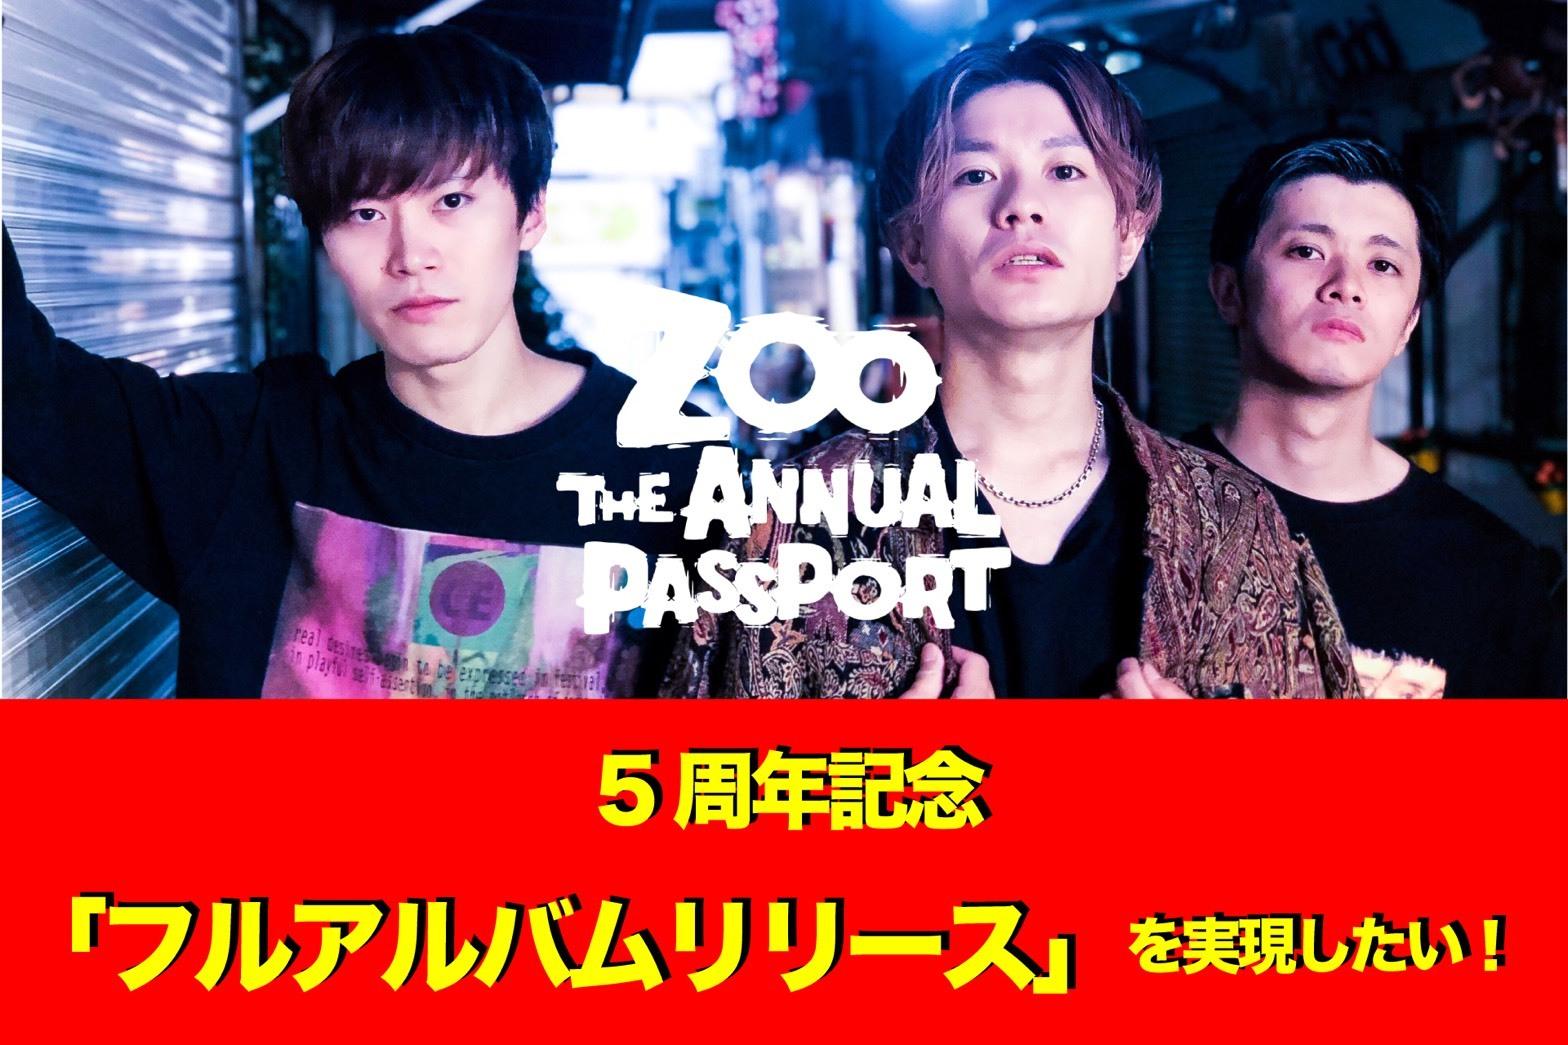 【5周年記念】ZOO THE ANNUAL PASSPORT 初のフルアルバム制作応援キャンペーン!